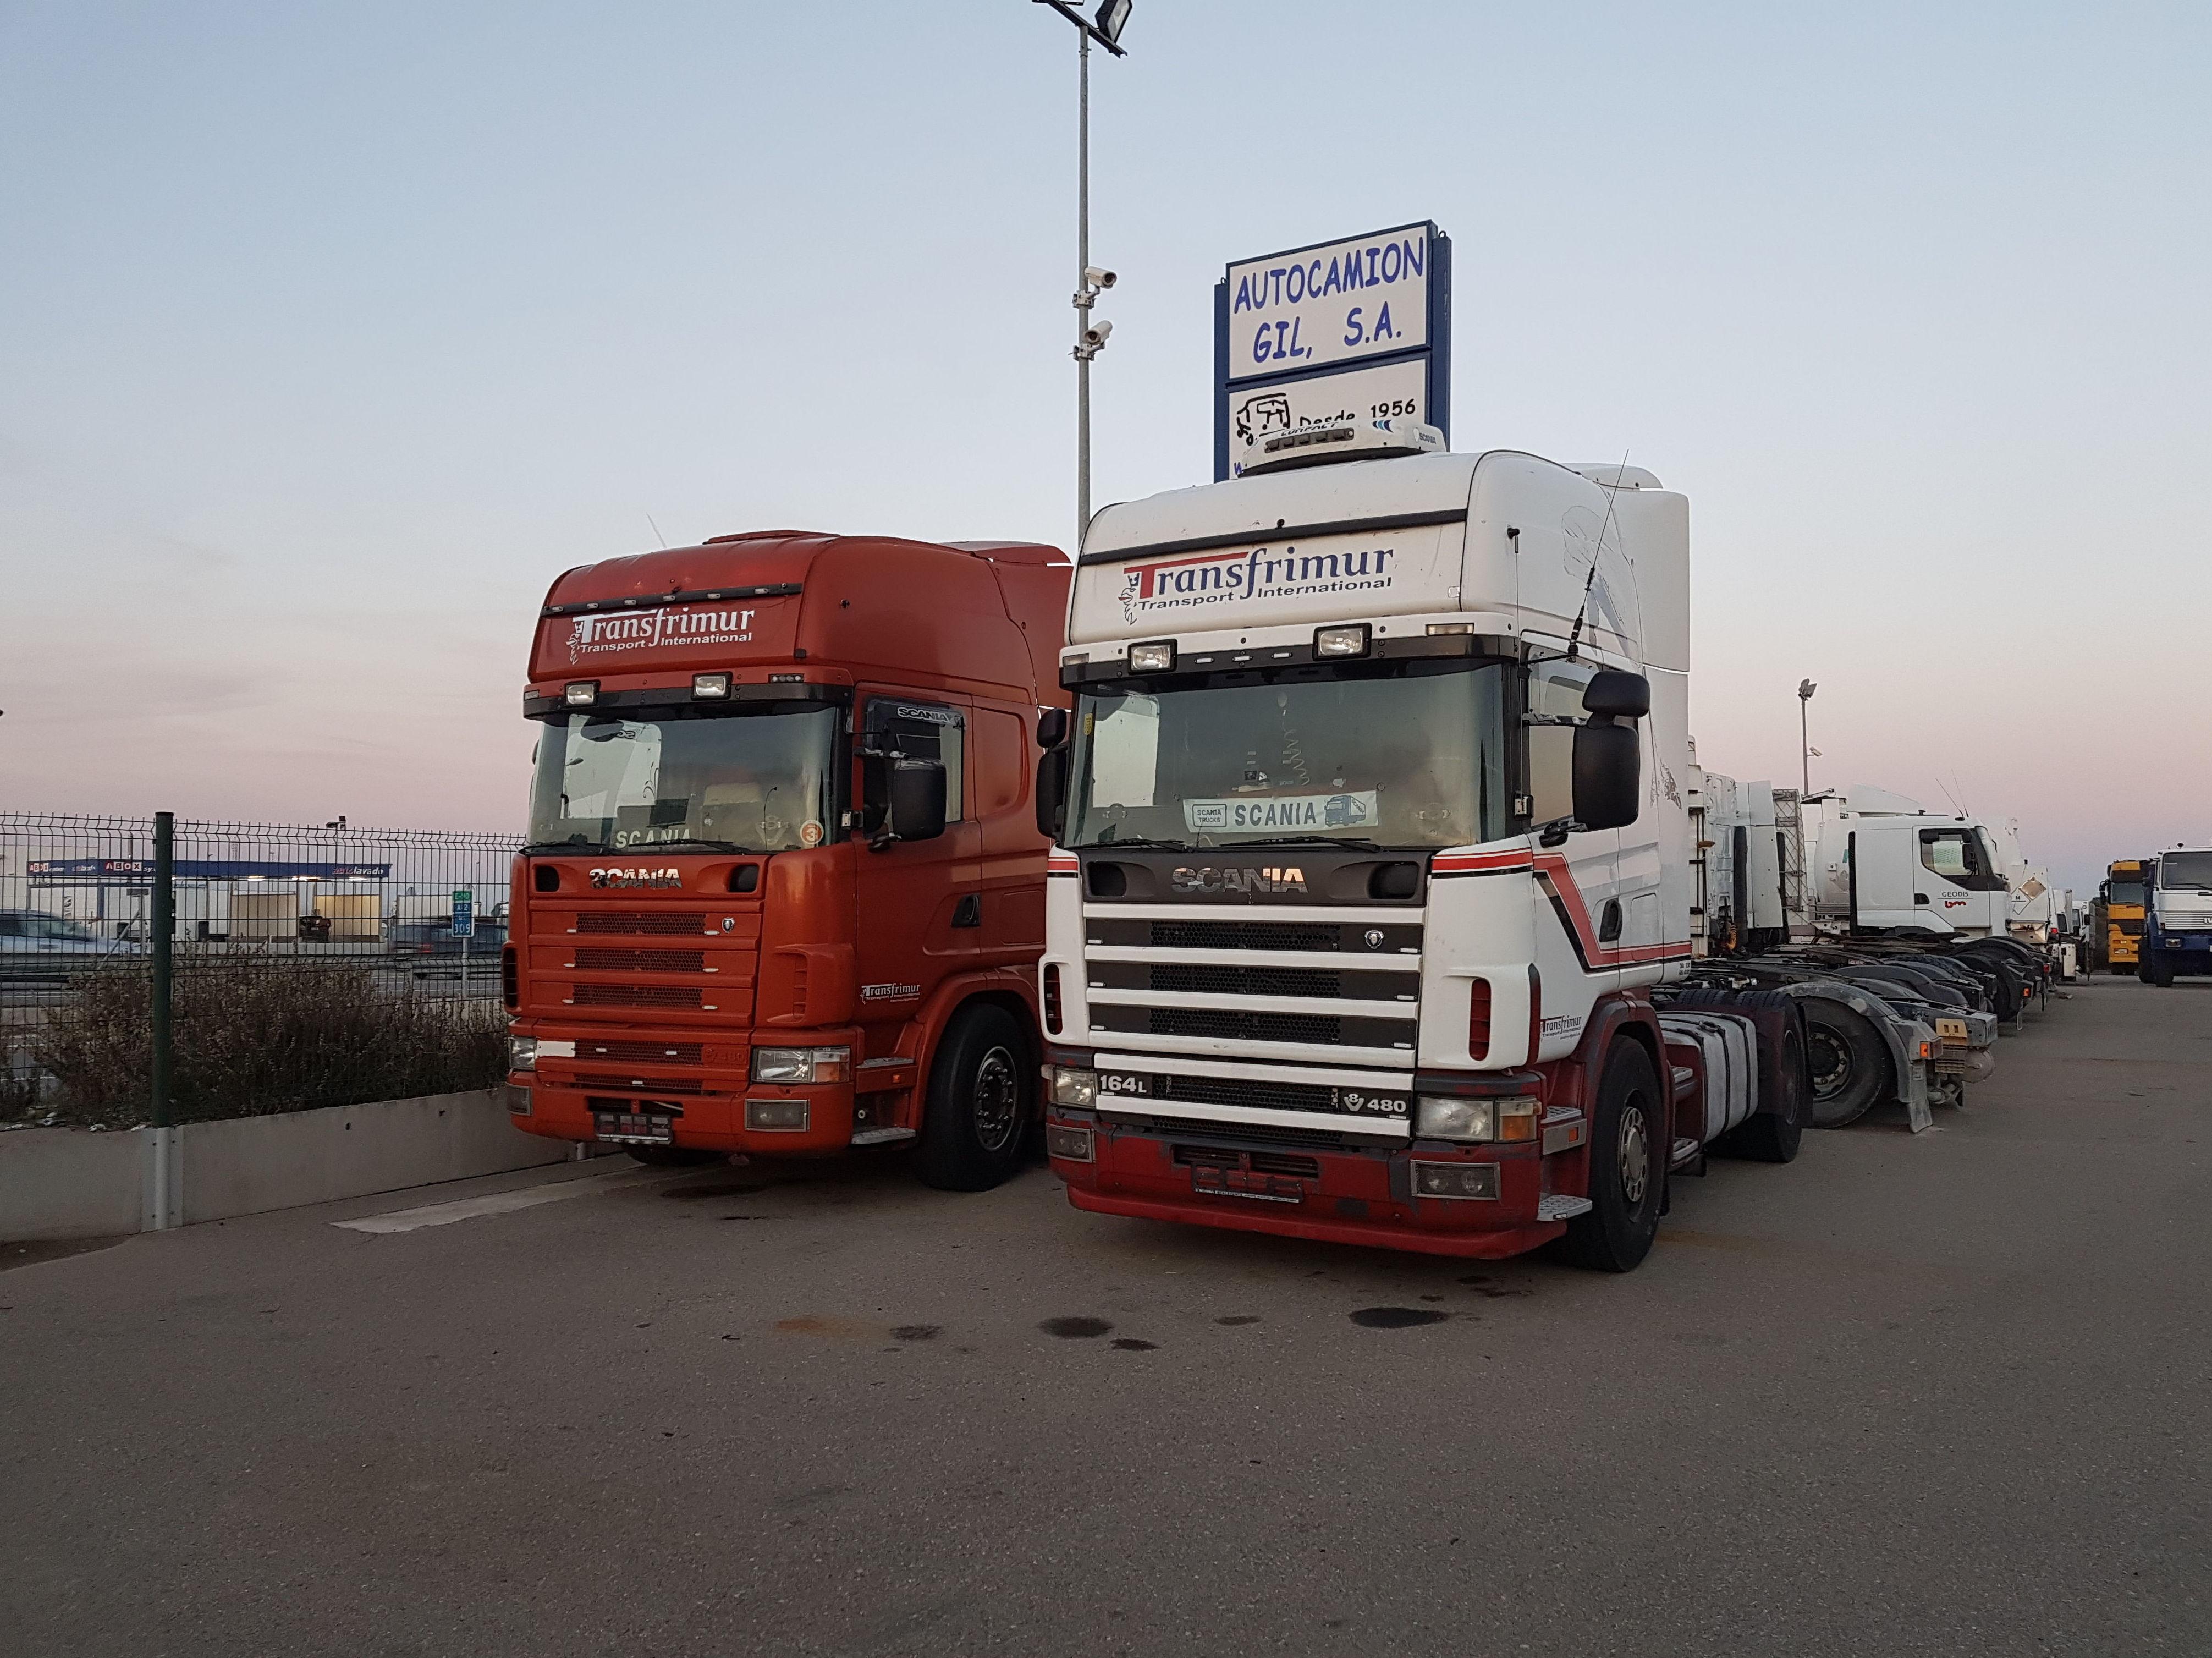 Foto 52 de Gestión para transportes en Zaragoza | gesticoTRANS.